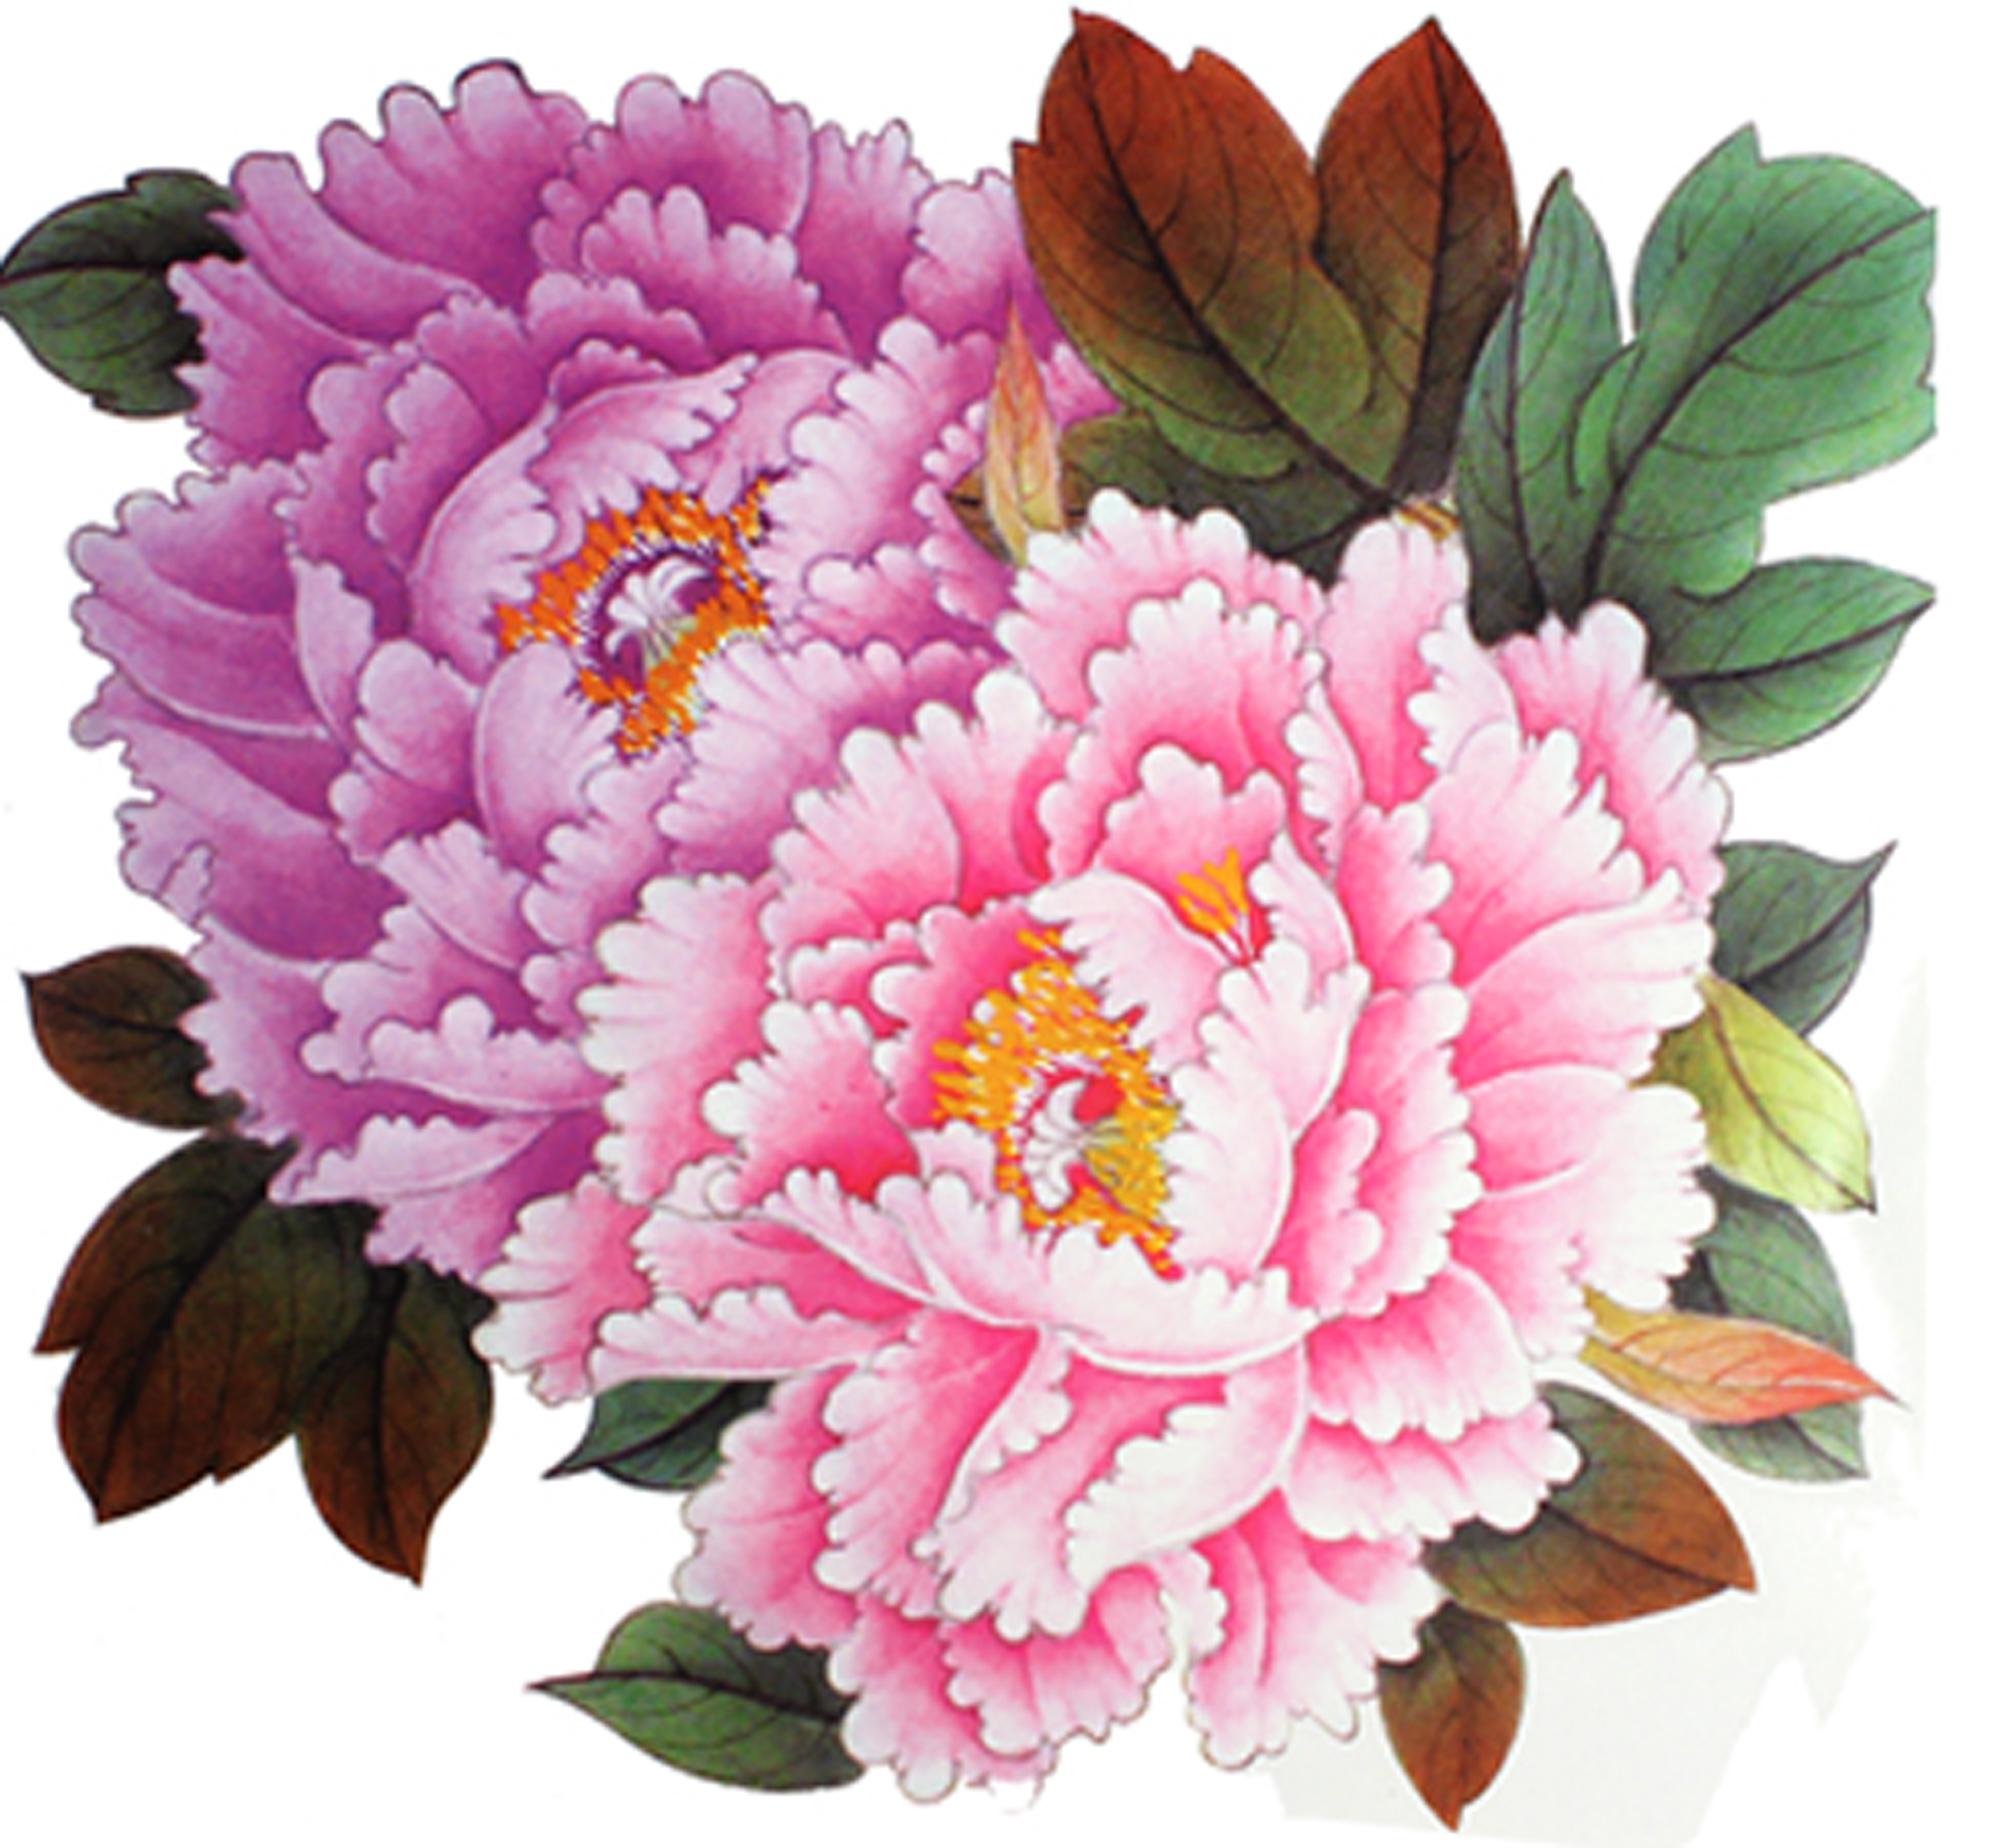 Drawn peony pink peony Large flower 07 tattoos temporary